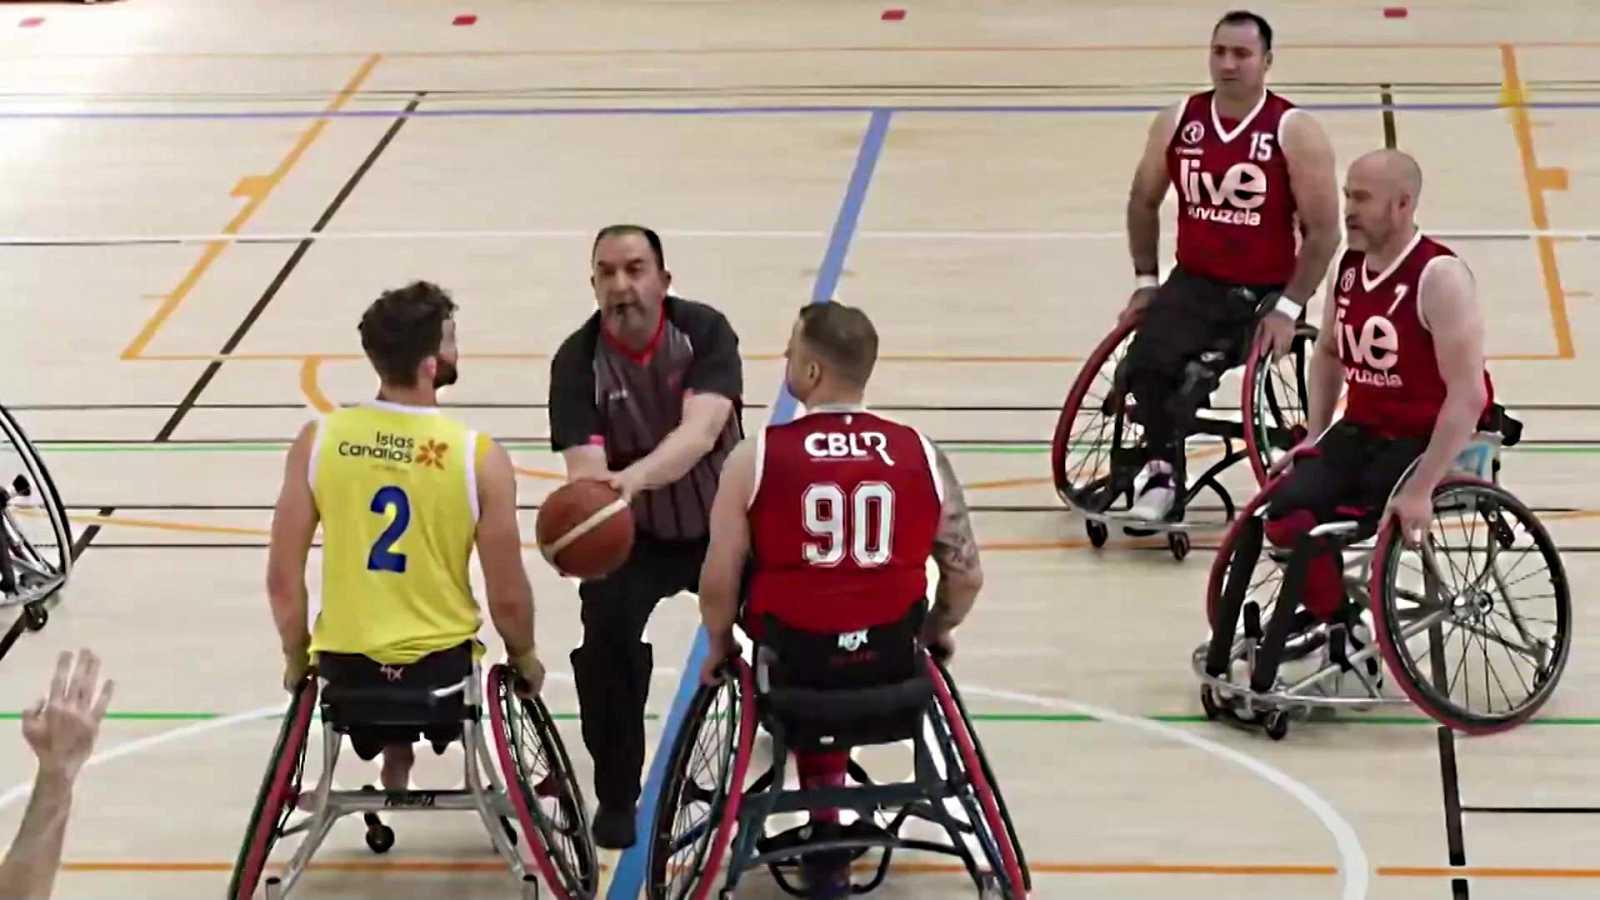 Baloncesto en silla de ruedas - Liga BSR División honor. Resumen jornada 20 - ver ahora